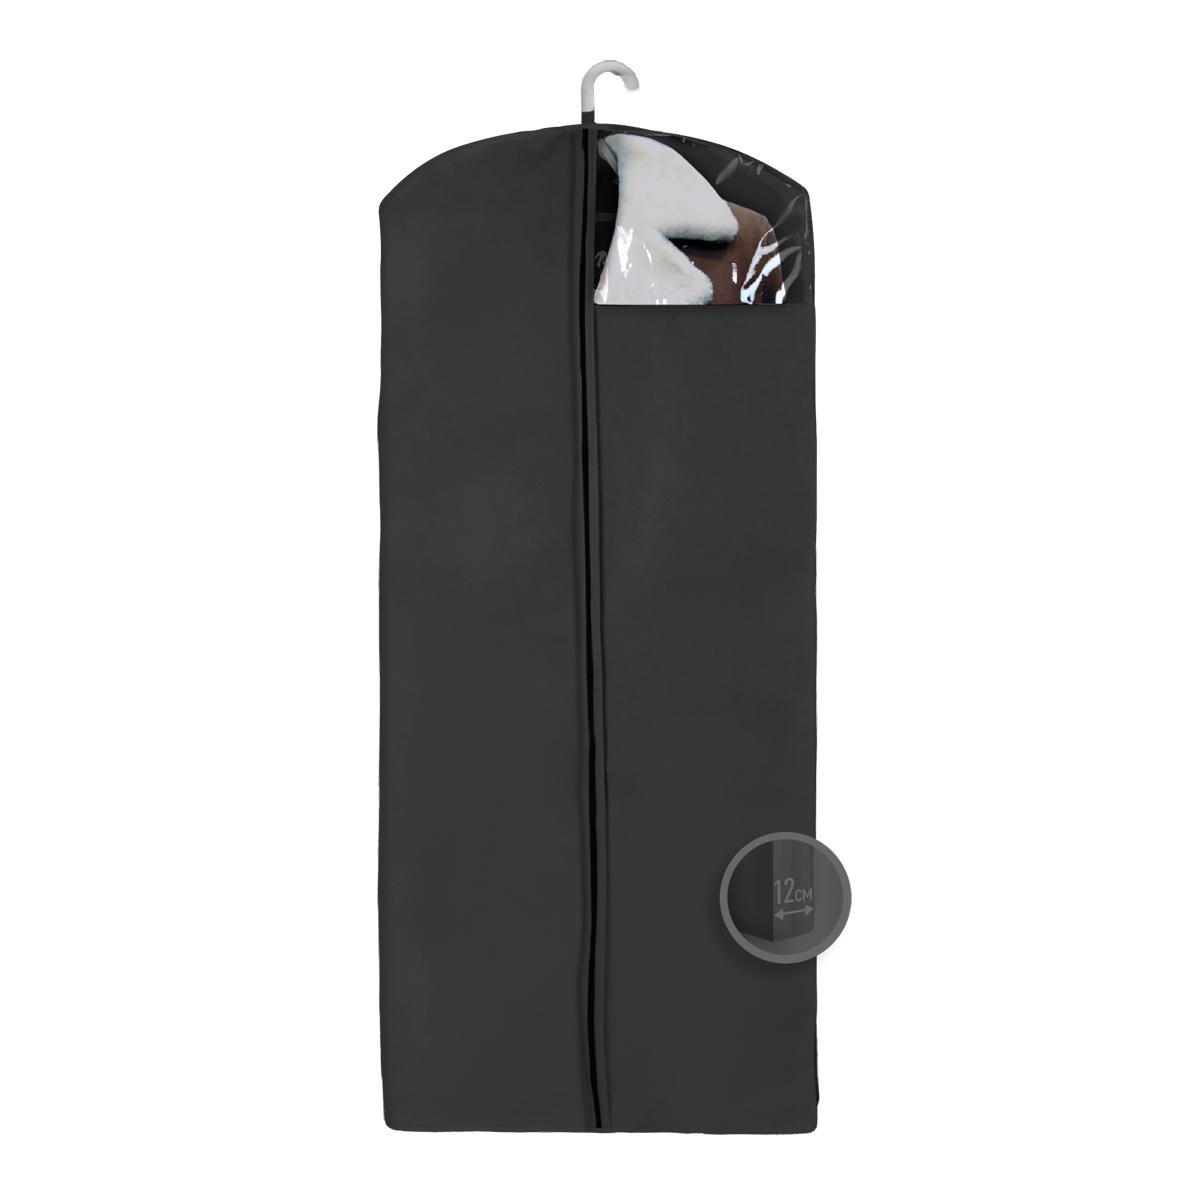 """Чехол для верхней одежды """"Miolla"""" на застежке-молнии выполнен из высококачественного нетканого материала. Прозрачное полиэтиленовое окошко позволяет видеть содержимое чехла. Подходит для длительного хранения вещей.Чехол обеспечивает вашей одежде надежную защиту от влажности, повреждений и грязи при транспортировке, от запыления при хранении и проникновения моли. Чехол обладает водоотталкивающими свойствами, а также позволяет воздуху свободно поступать внутрь вещей, обеспечивая их кондиционирование. Это особенно важно при хранении кожаных и меховых изделий.Размер чехла: 140 х 60 х 12 см."""